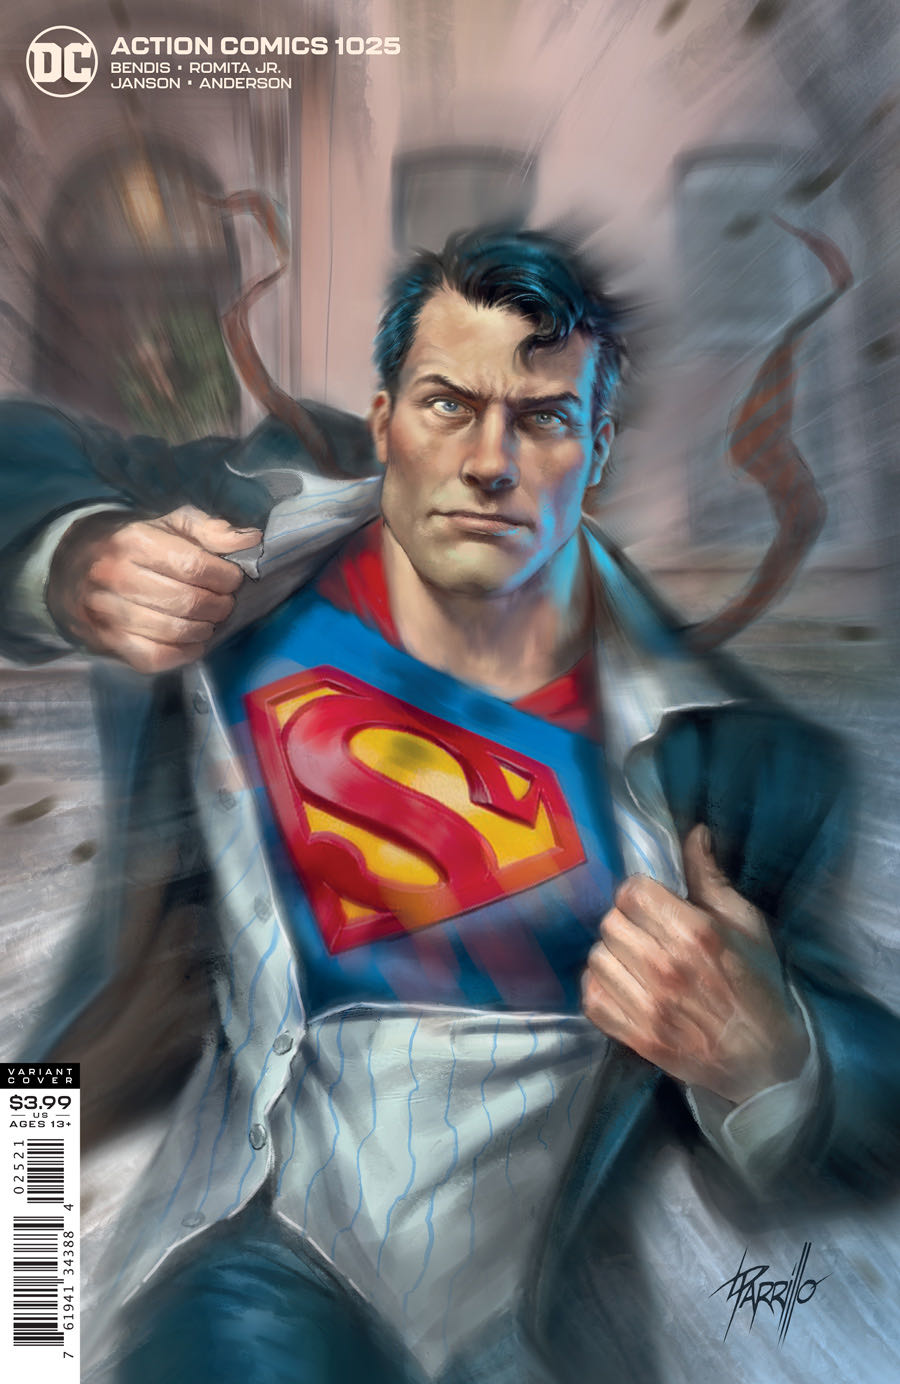 Action Comics Vol 1 1025 Variant.jpg